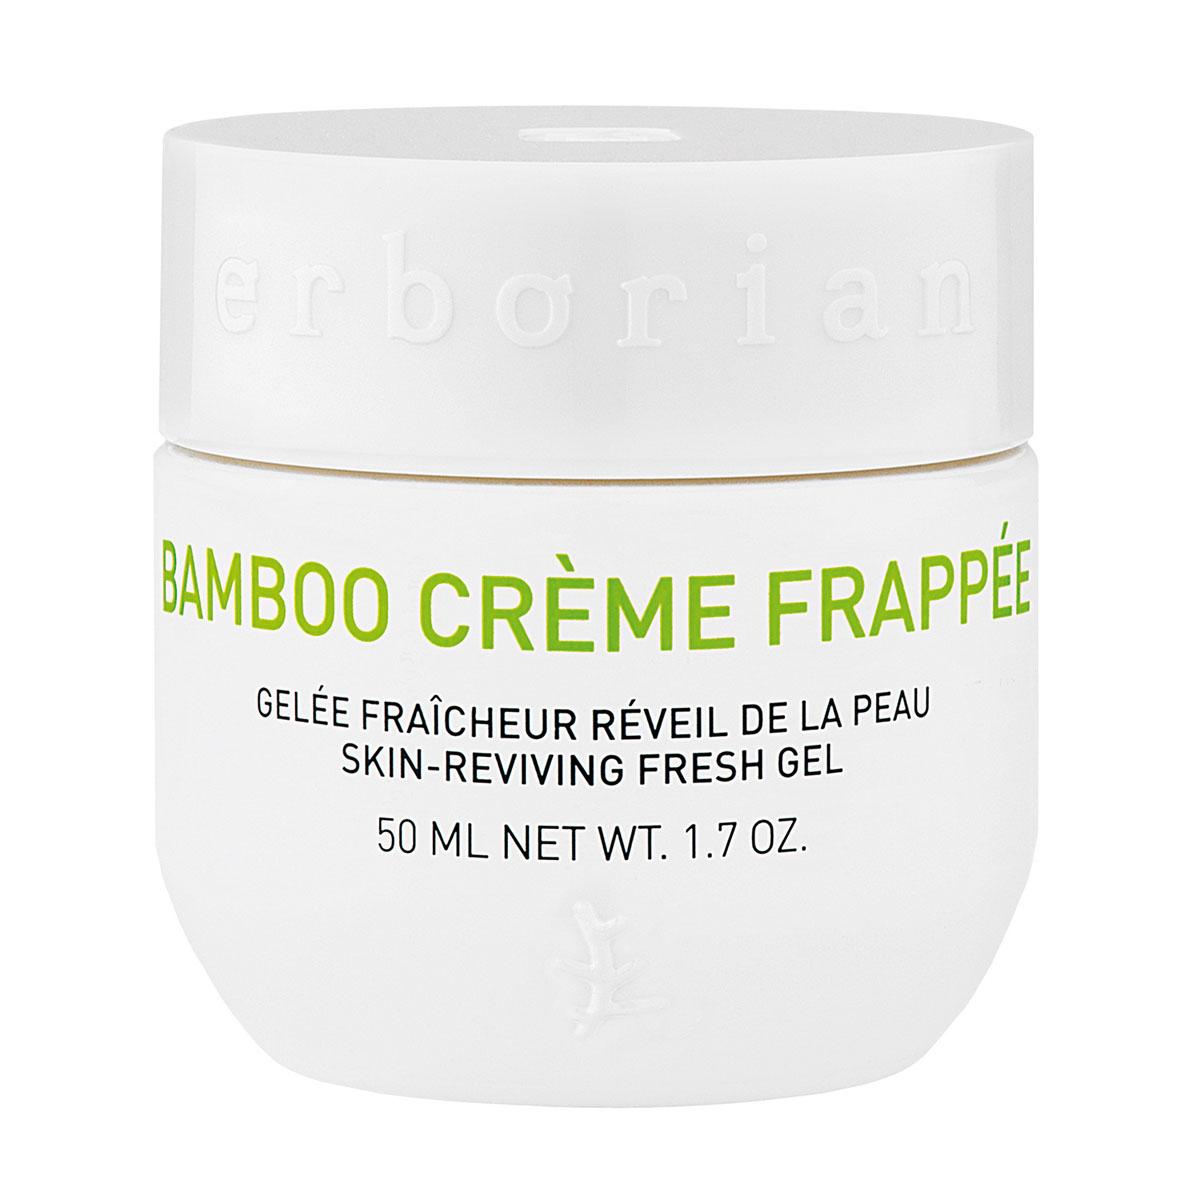 Erborian BAMBOO крем-фраппе для лица 50 мл781106Как ледяной водопад, Бамбук крем-фраппе дарит коже мгновенный бодрящий эффект. Крем обладает тающей текстурой, при контакте с кожей сразу дарит ей заряд свежести и увлажнения. Мгновенно впитываясь, он пробуждает кожу, которая выглядит более свежей, мягкой и гладкой сразу после применения.